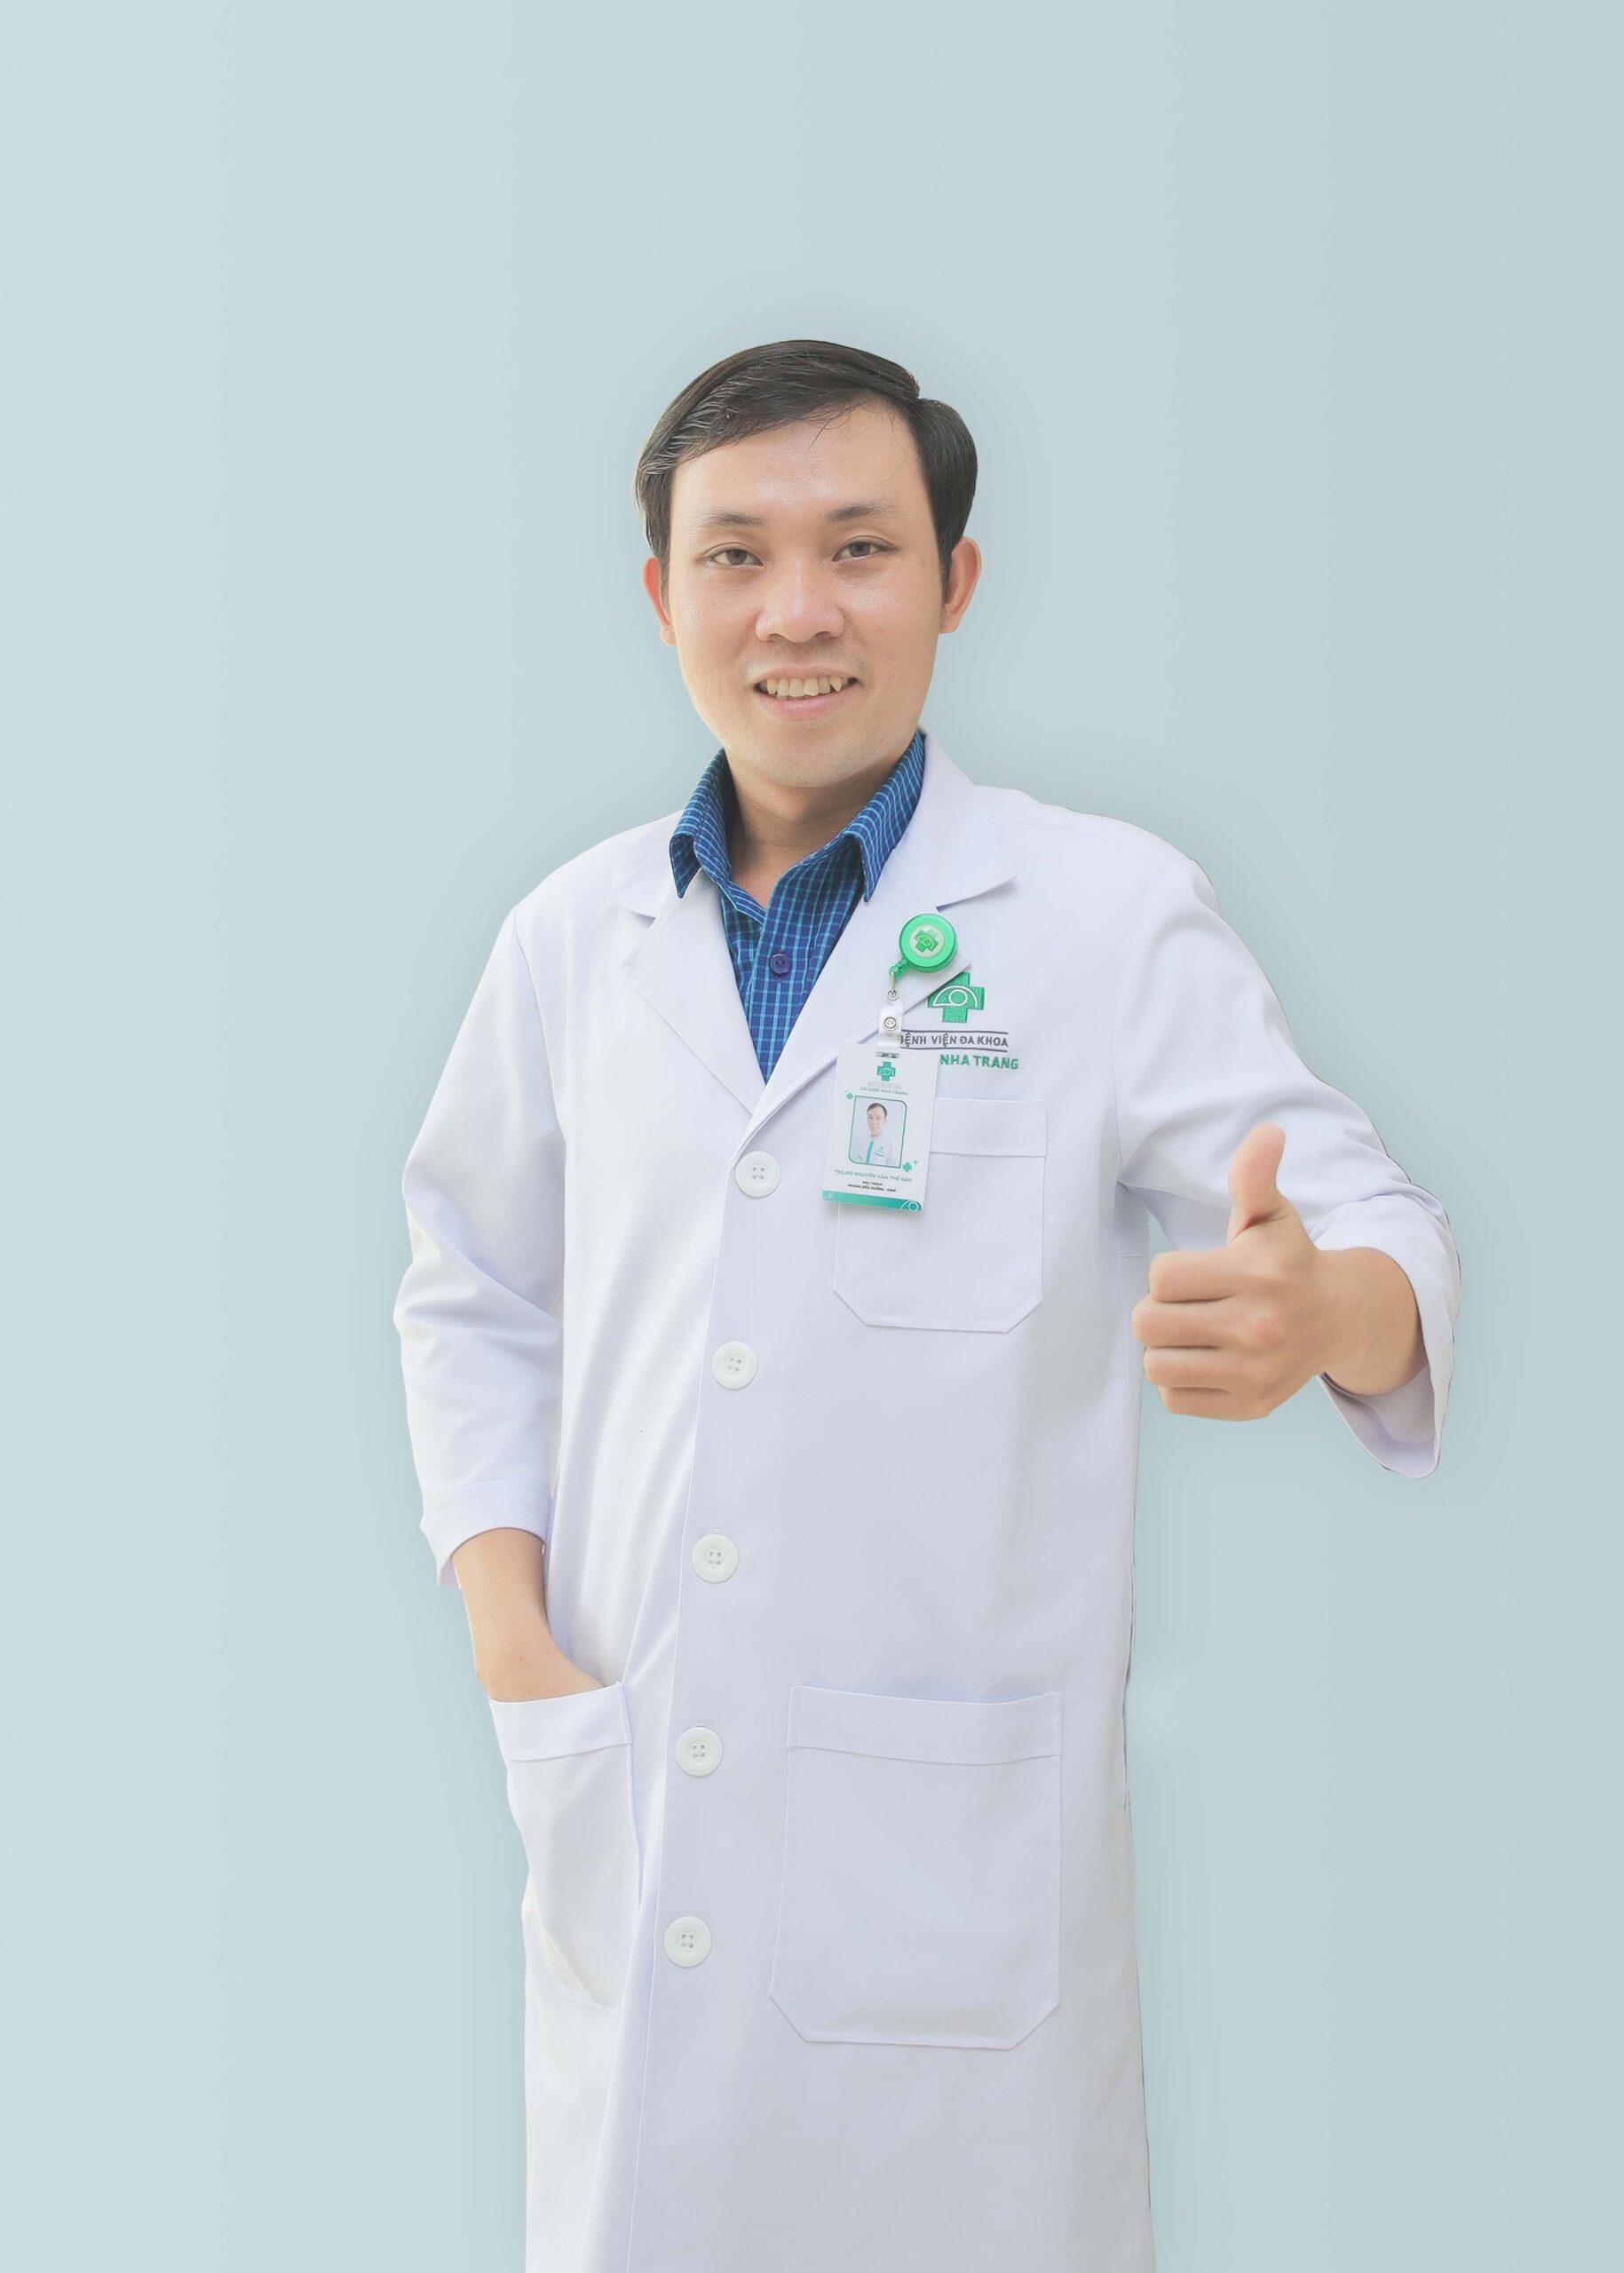 ThS Dinh dưỡng Nguyễn Văn Thế Bảo